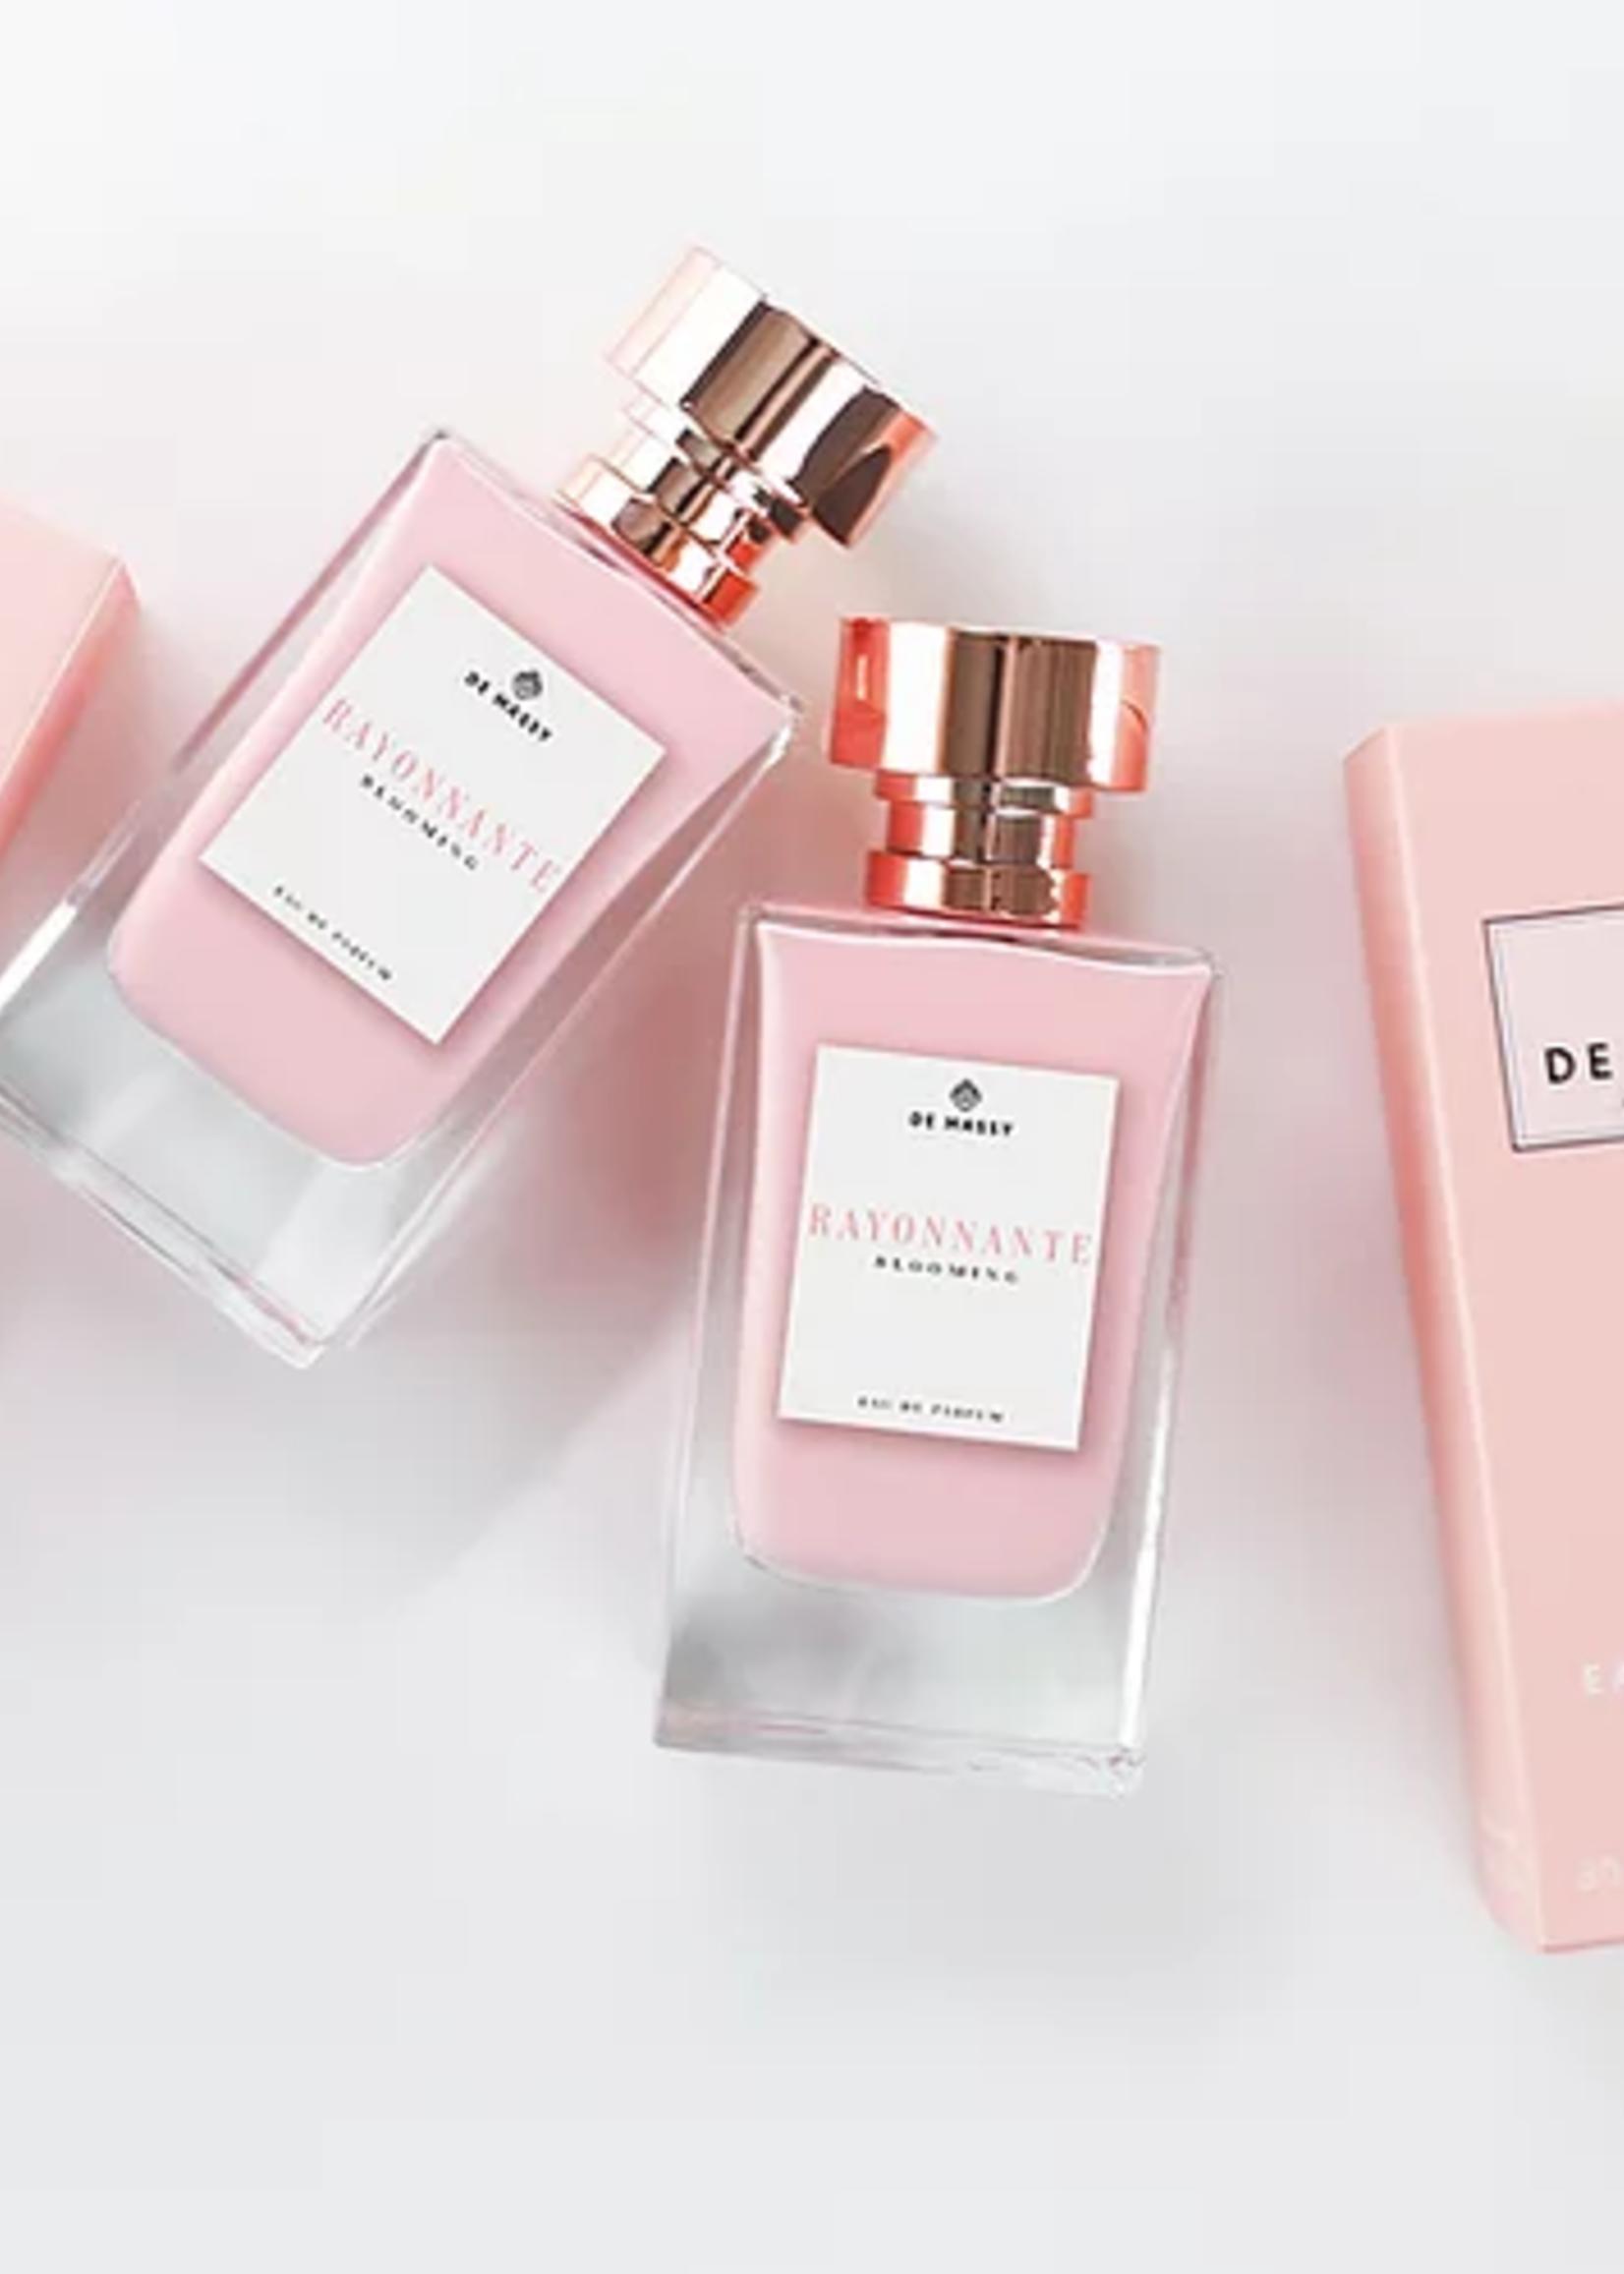 Collection de Massy Blooming - Eau de Parfum